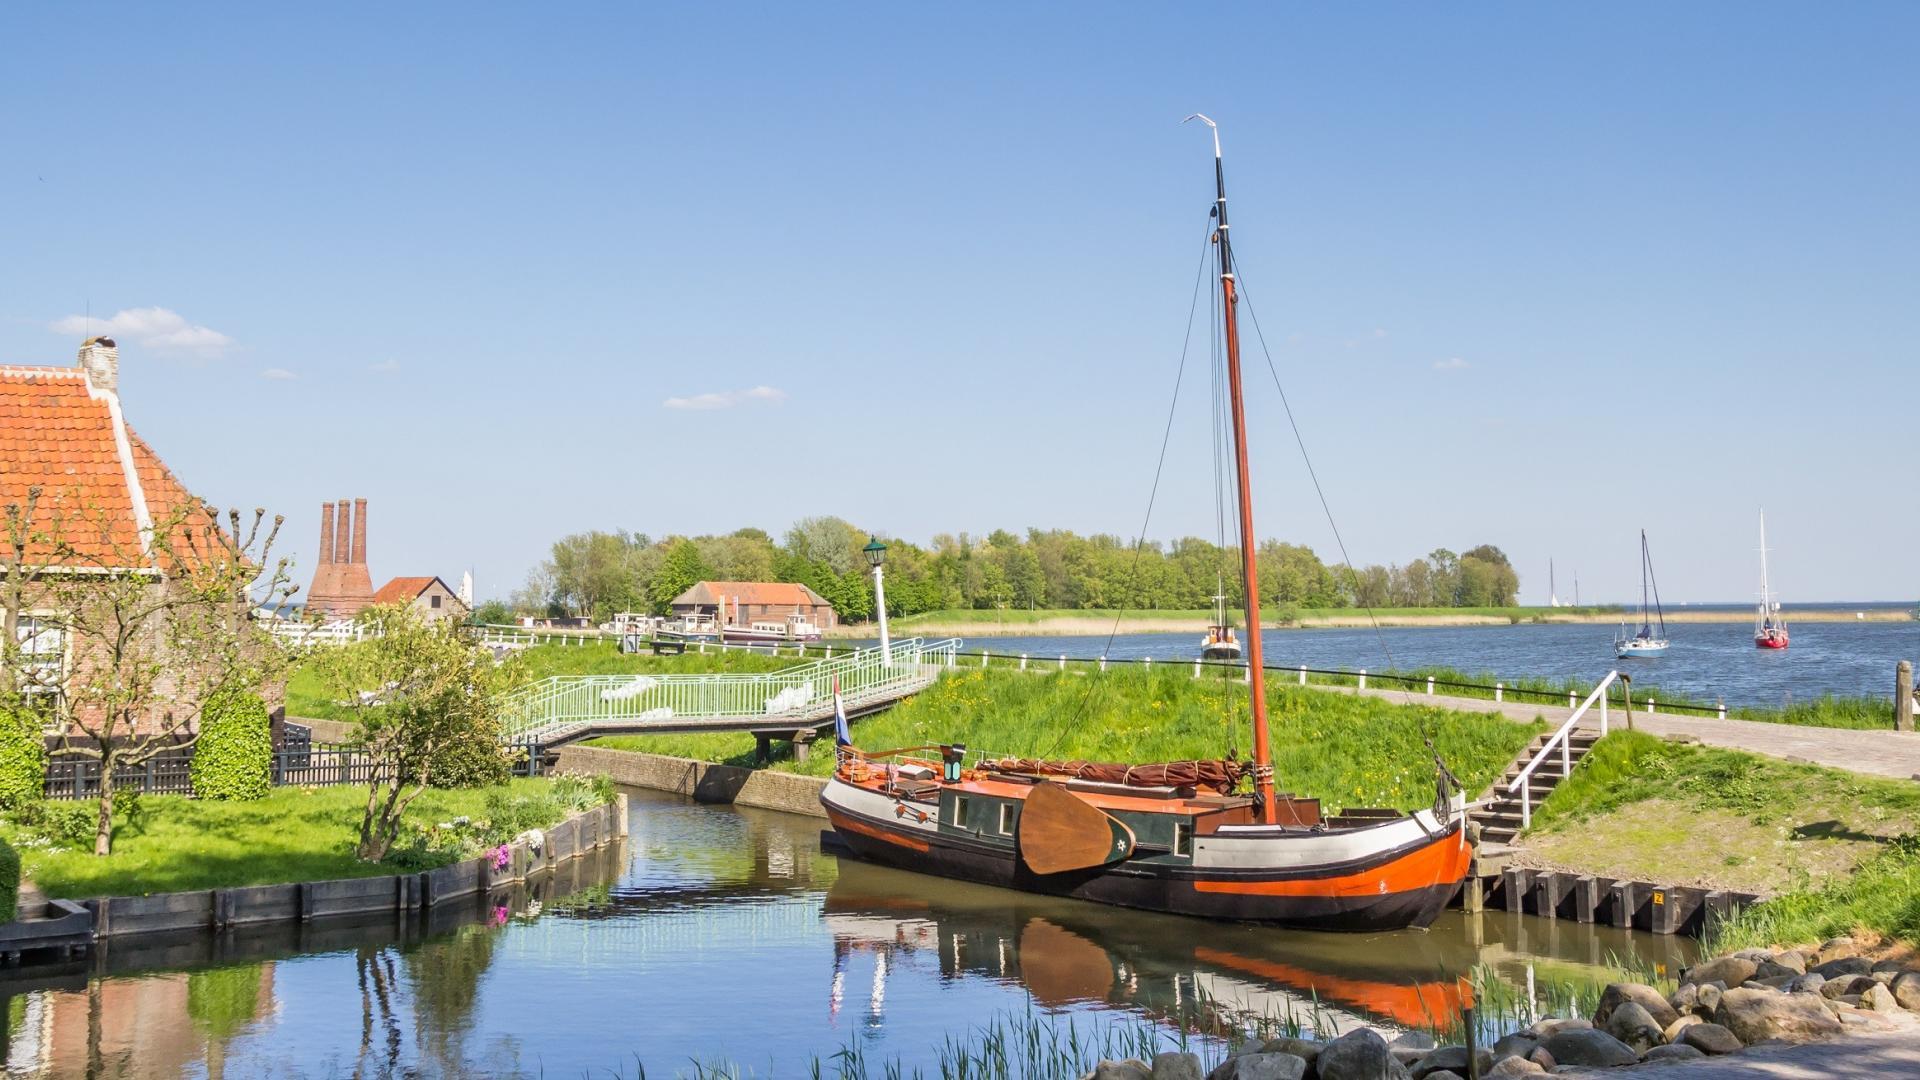 2 of 3 dagen in een hotelhuisje in het Noord-Hollandse <b>Andijk</b> aan het <b>IJsselmeer</b> incl. ontbijt